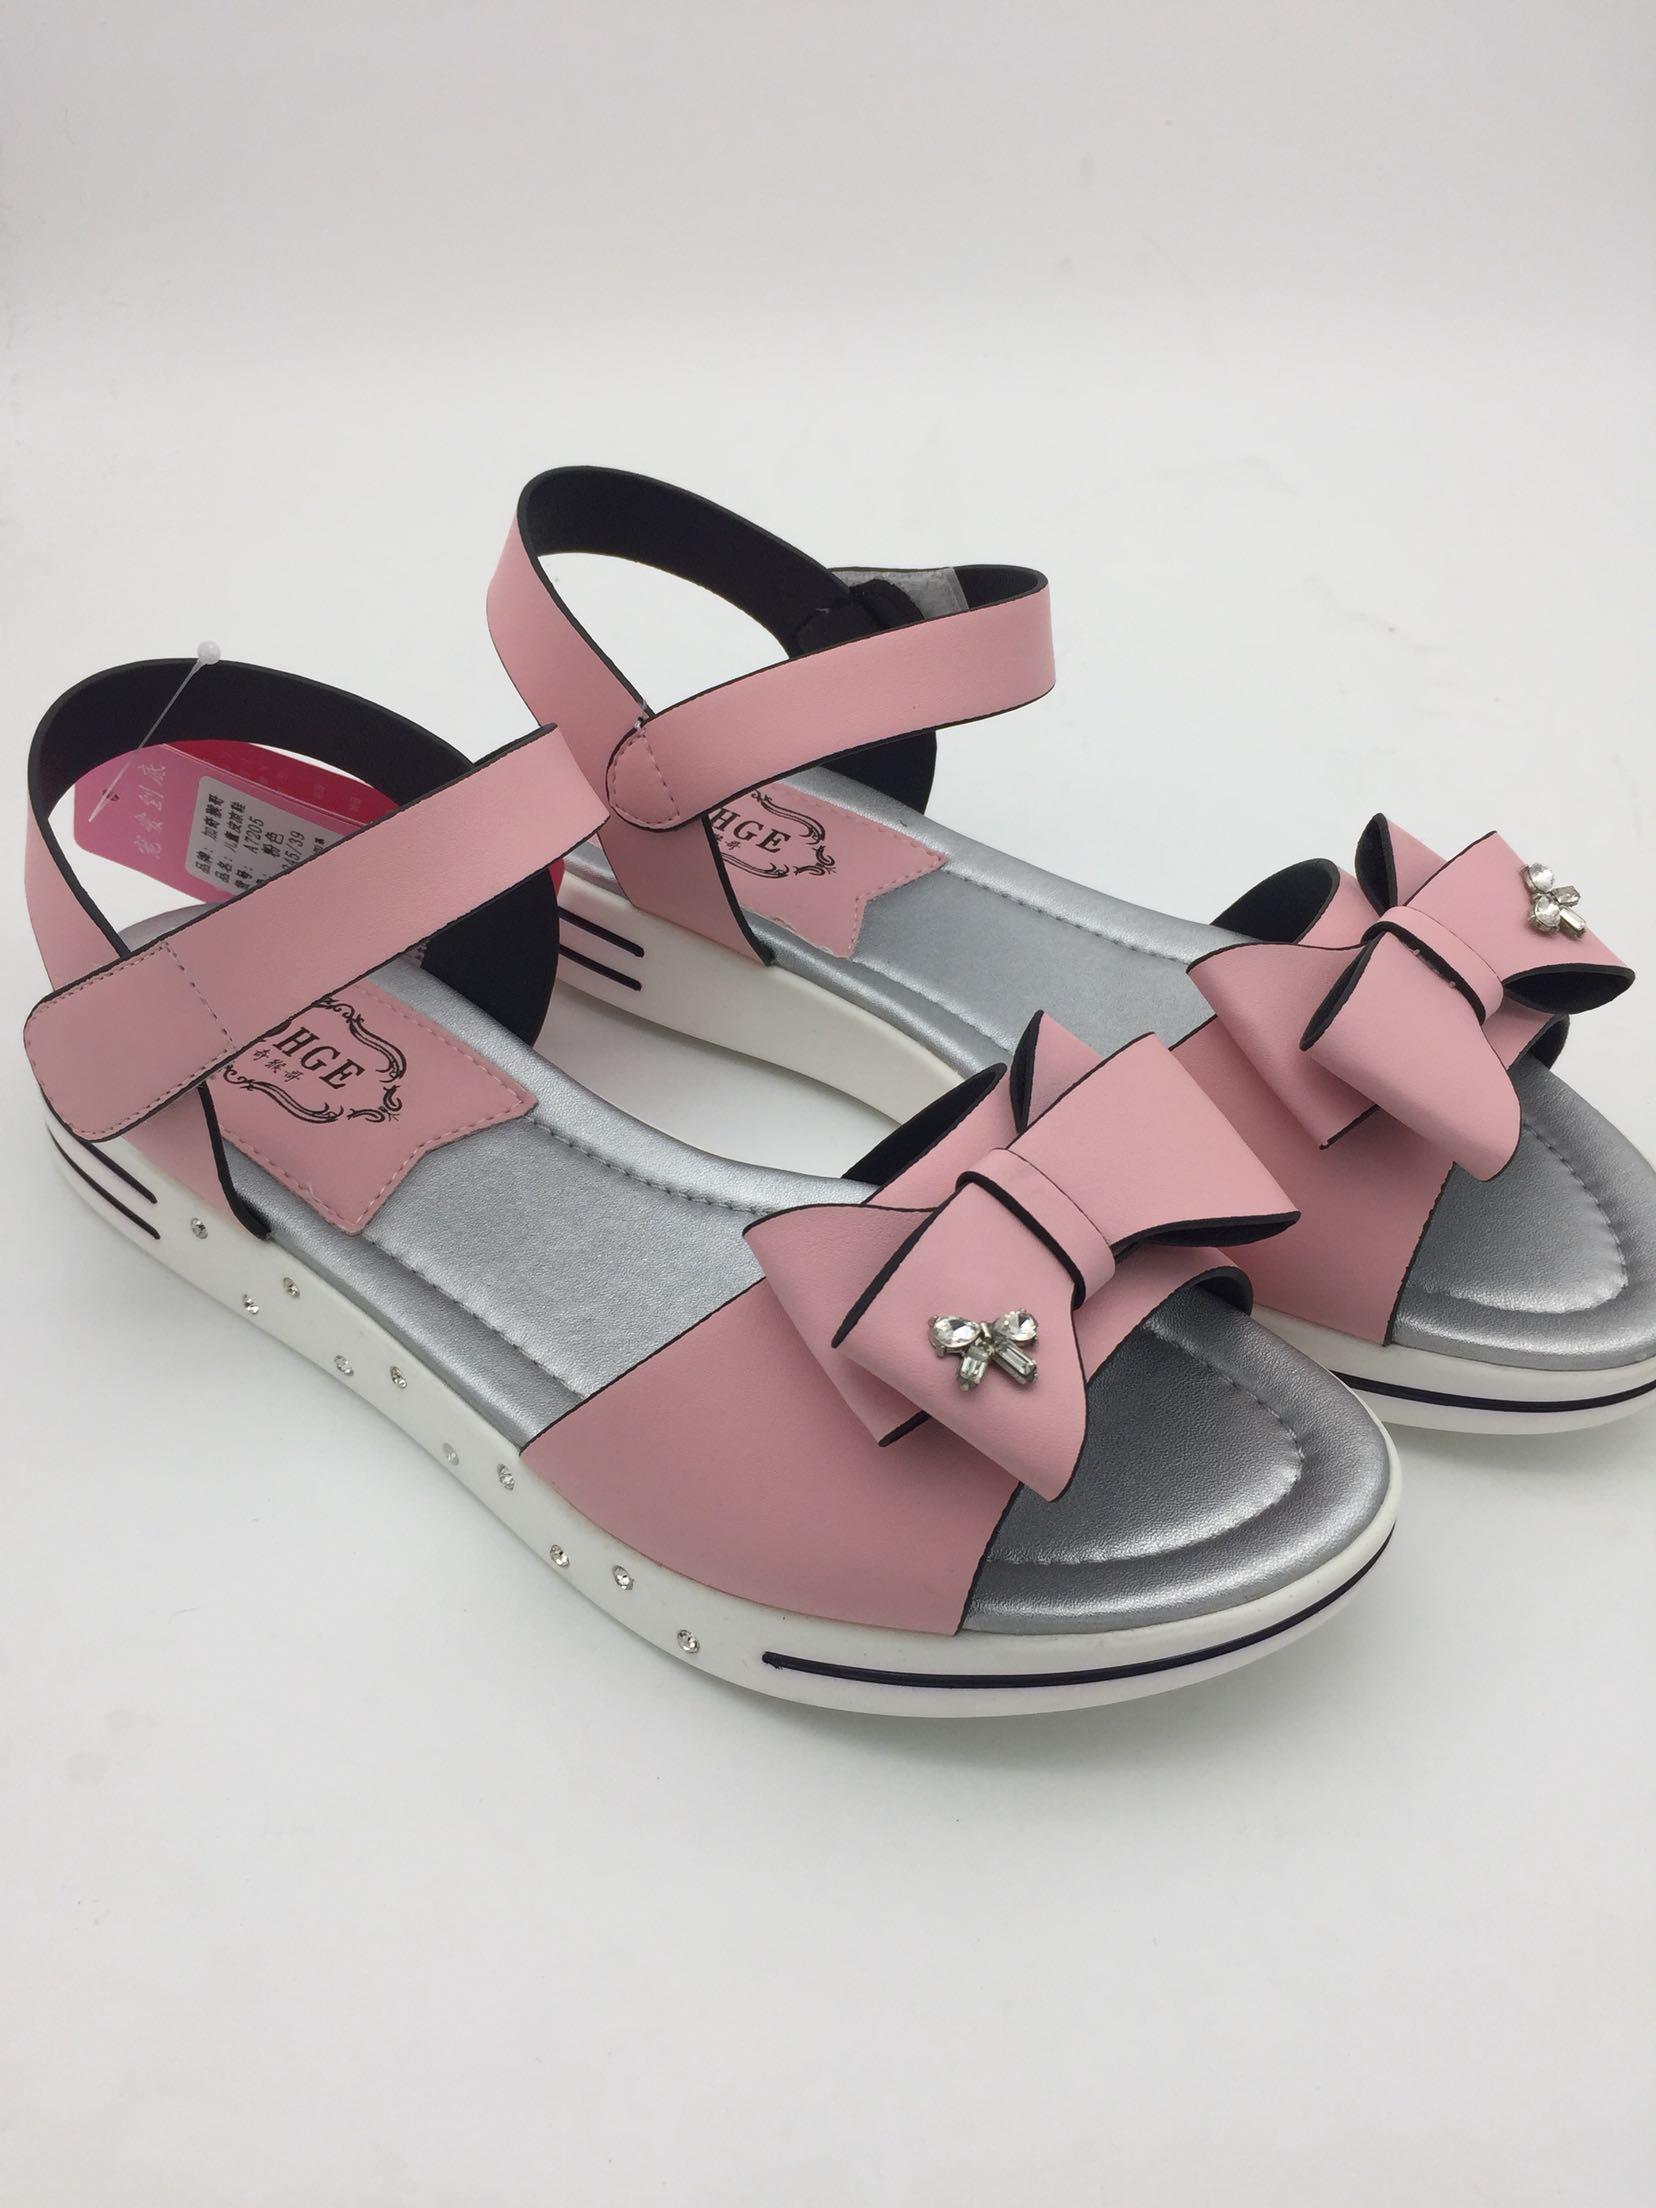 粉红色凉鞋 加奇猴哥女大童凉鞋粉红色蝴蝶结亮钻软底平底凉鞋37-40码_推荐淘宝好看的粉红色凉鞋